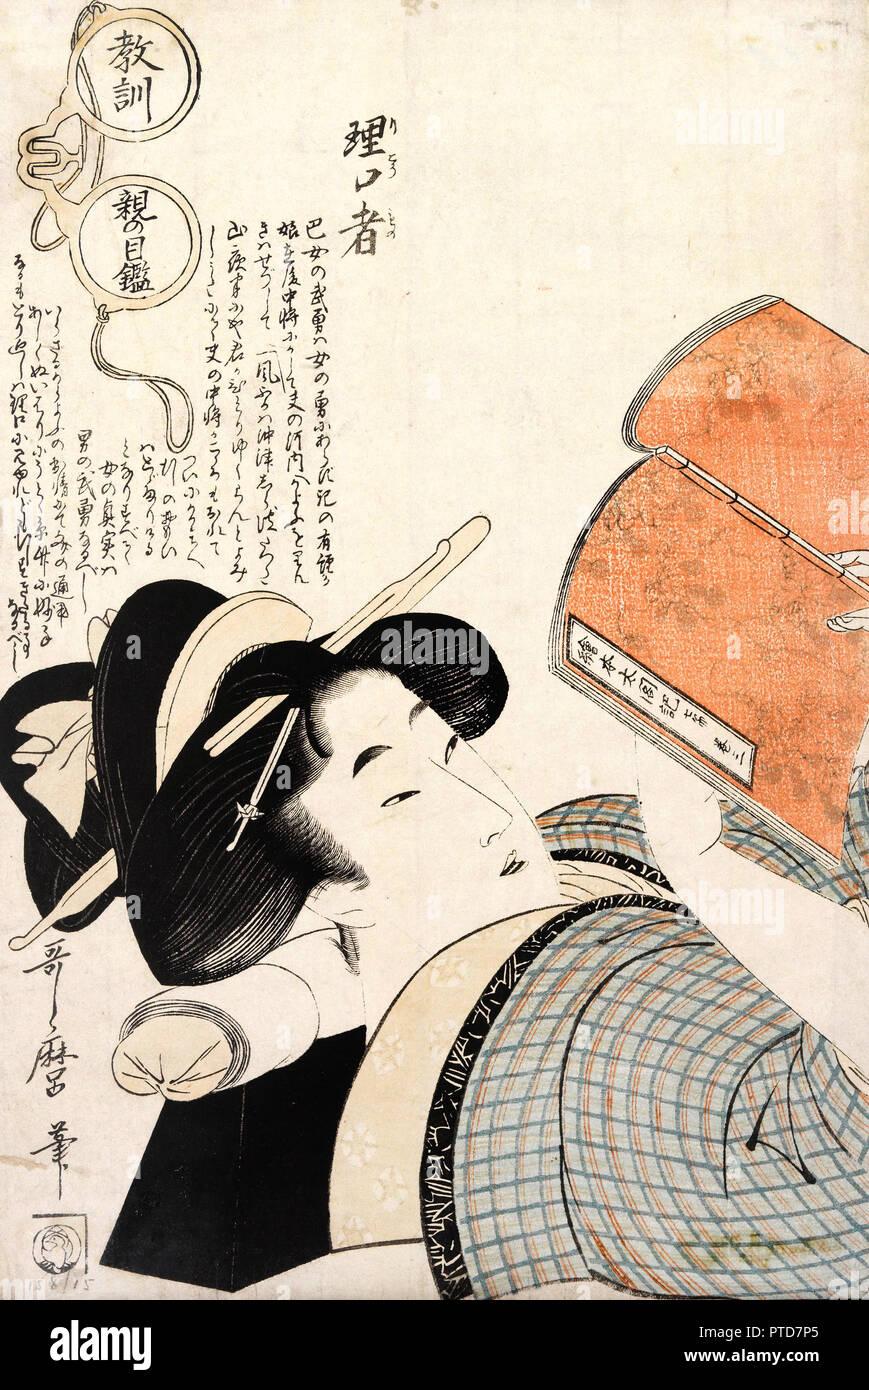 Kitagawa Utamaro, Untitled, ca. 1767-1806, Holzschnitt auf Papier druckt, Museum der Schönen Künste von Bilbao, Bilbao, Spanien. Stockbild